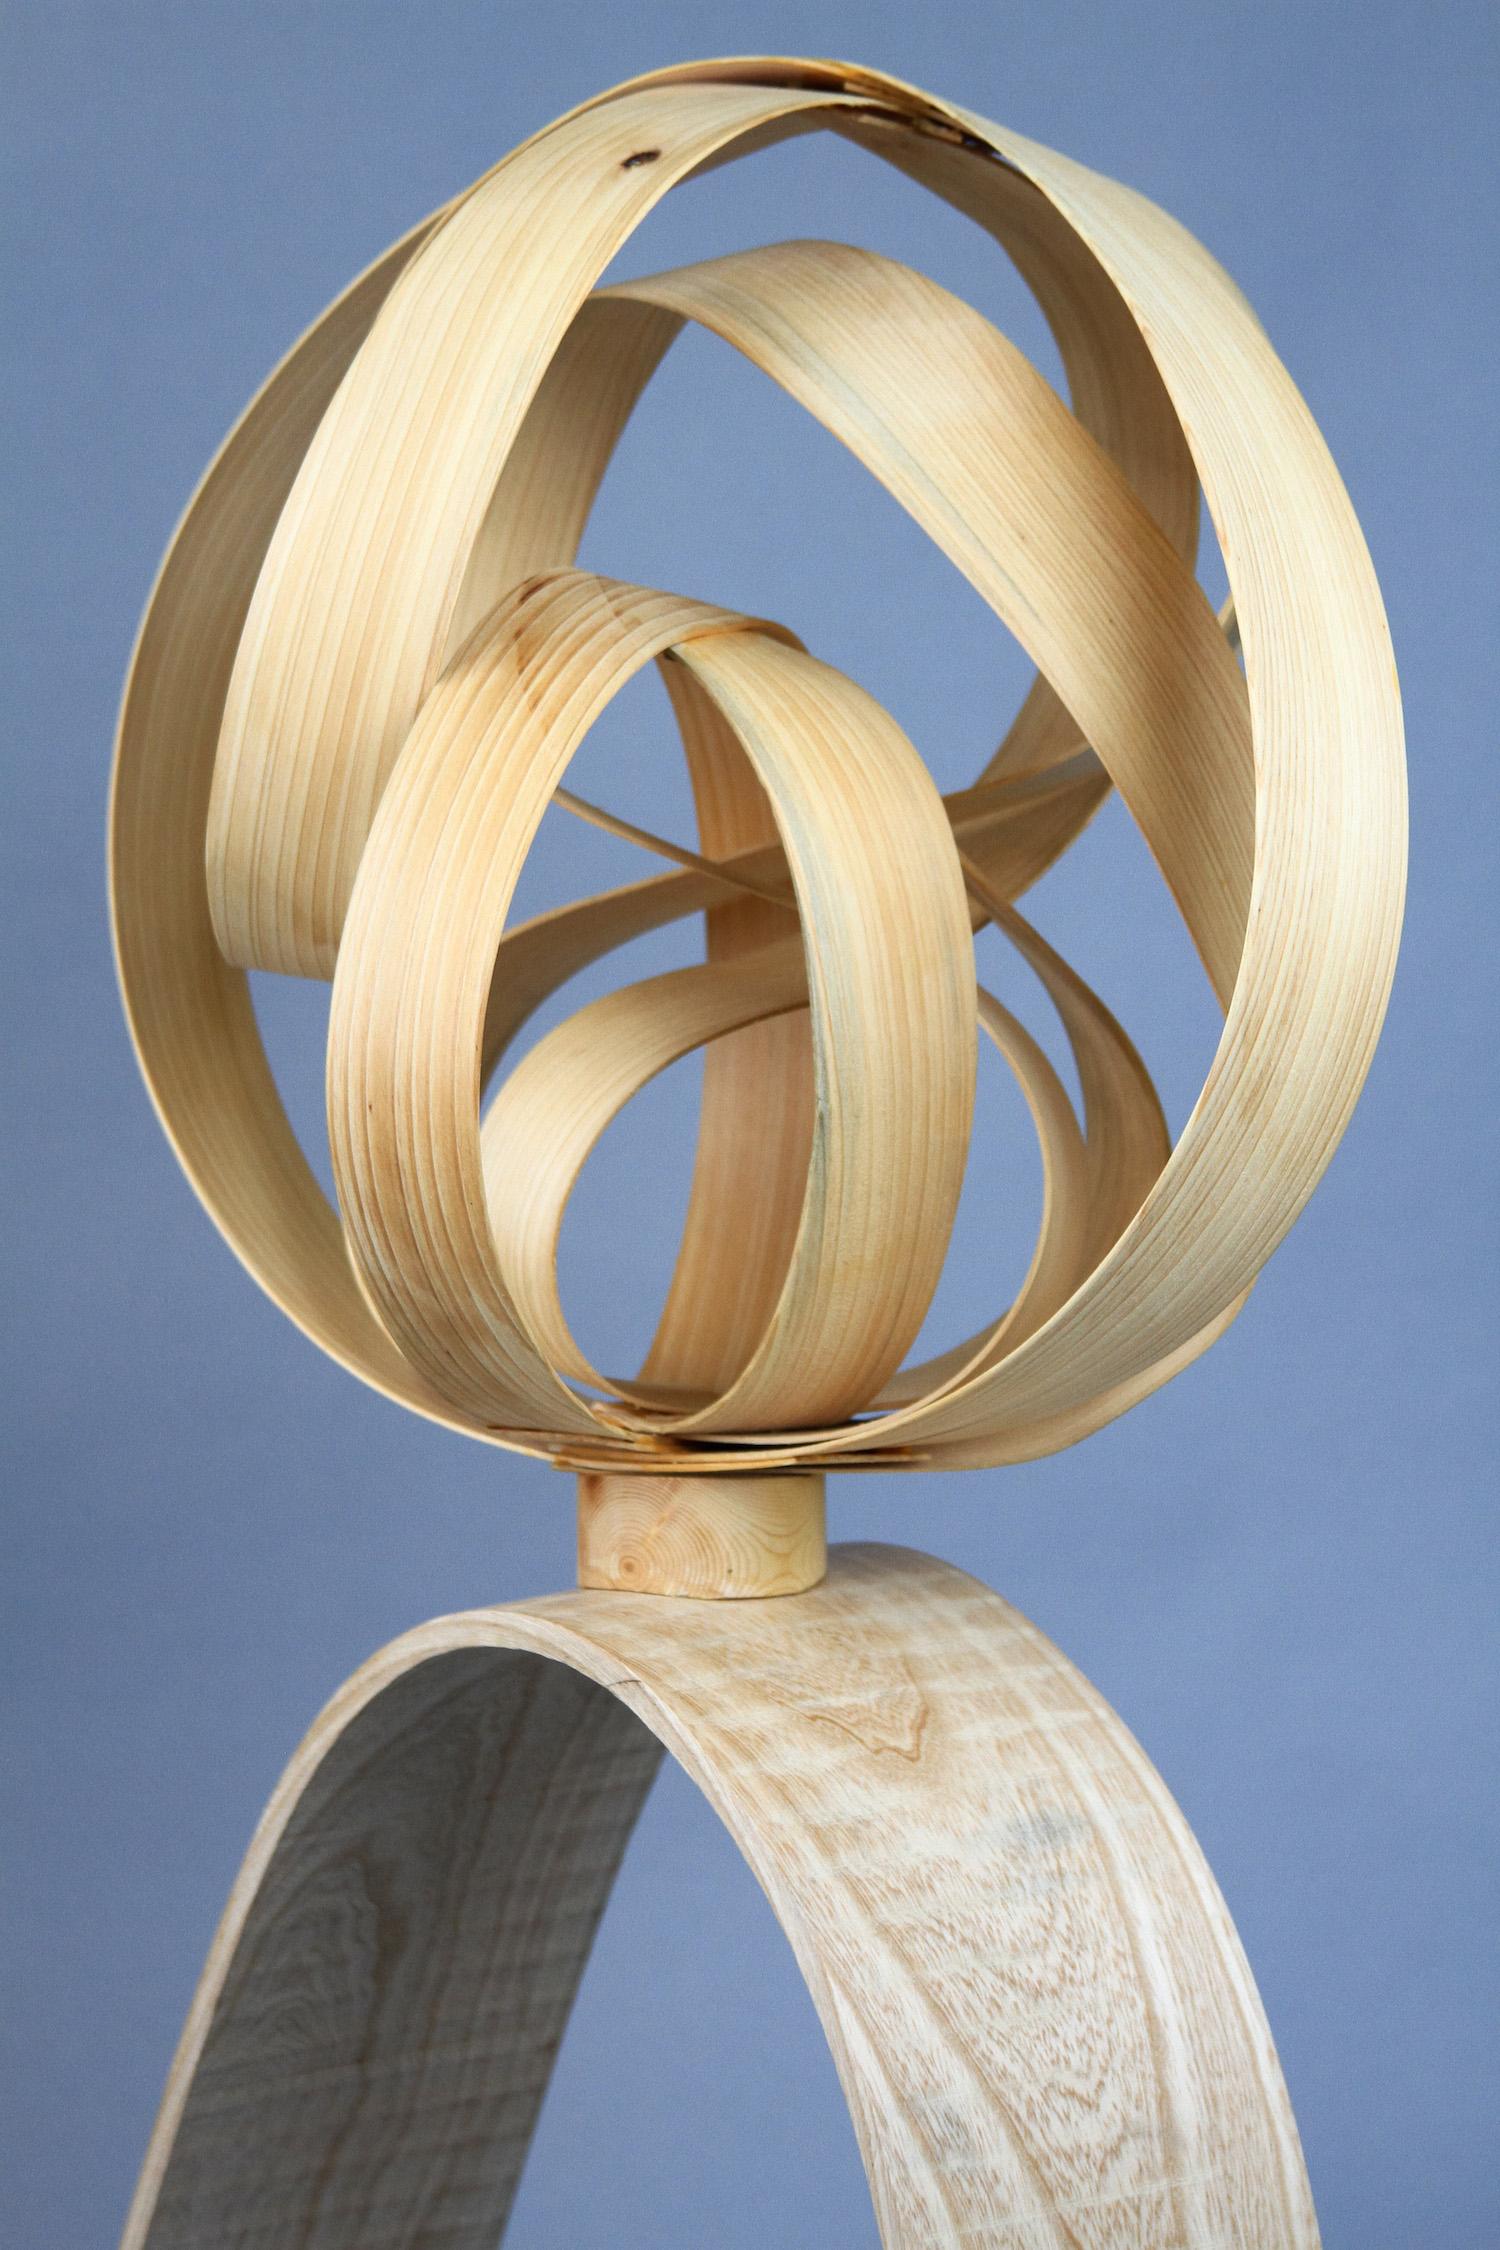 SculptureNASAD16-122.jpg